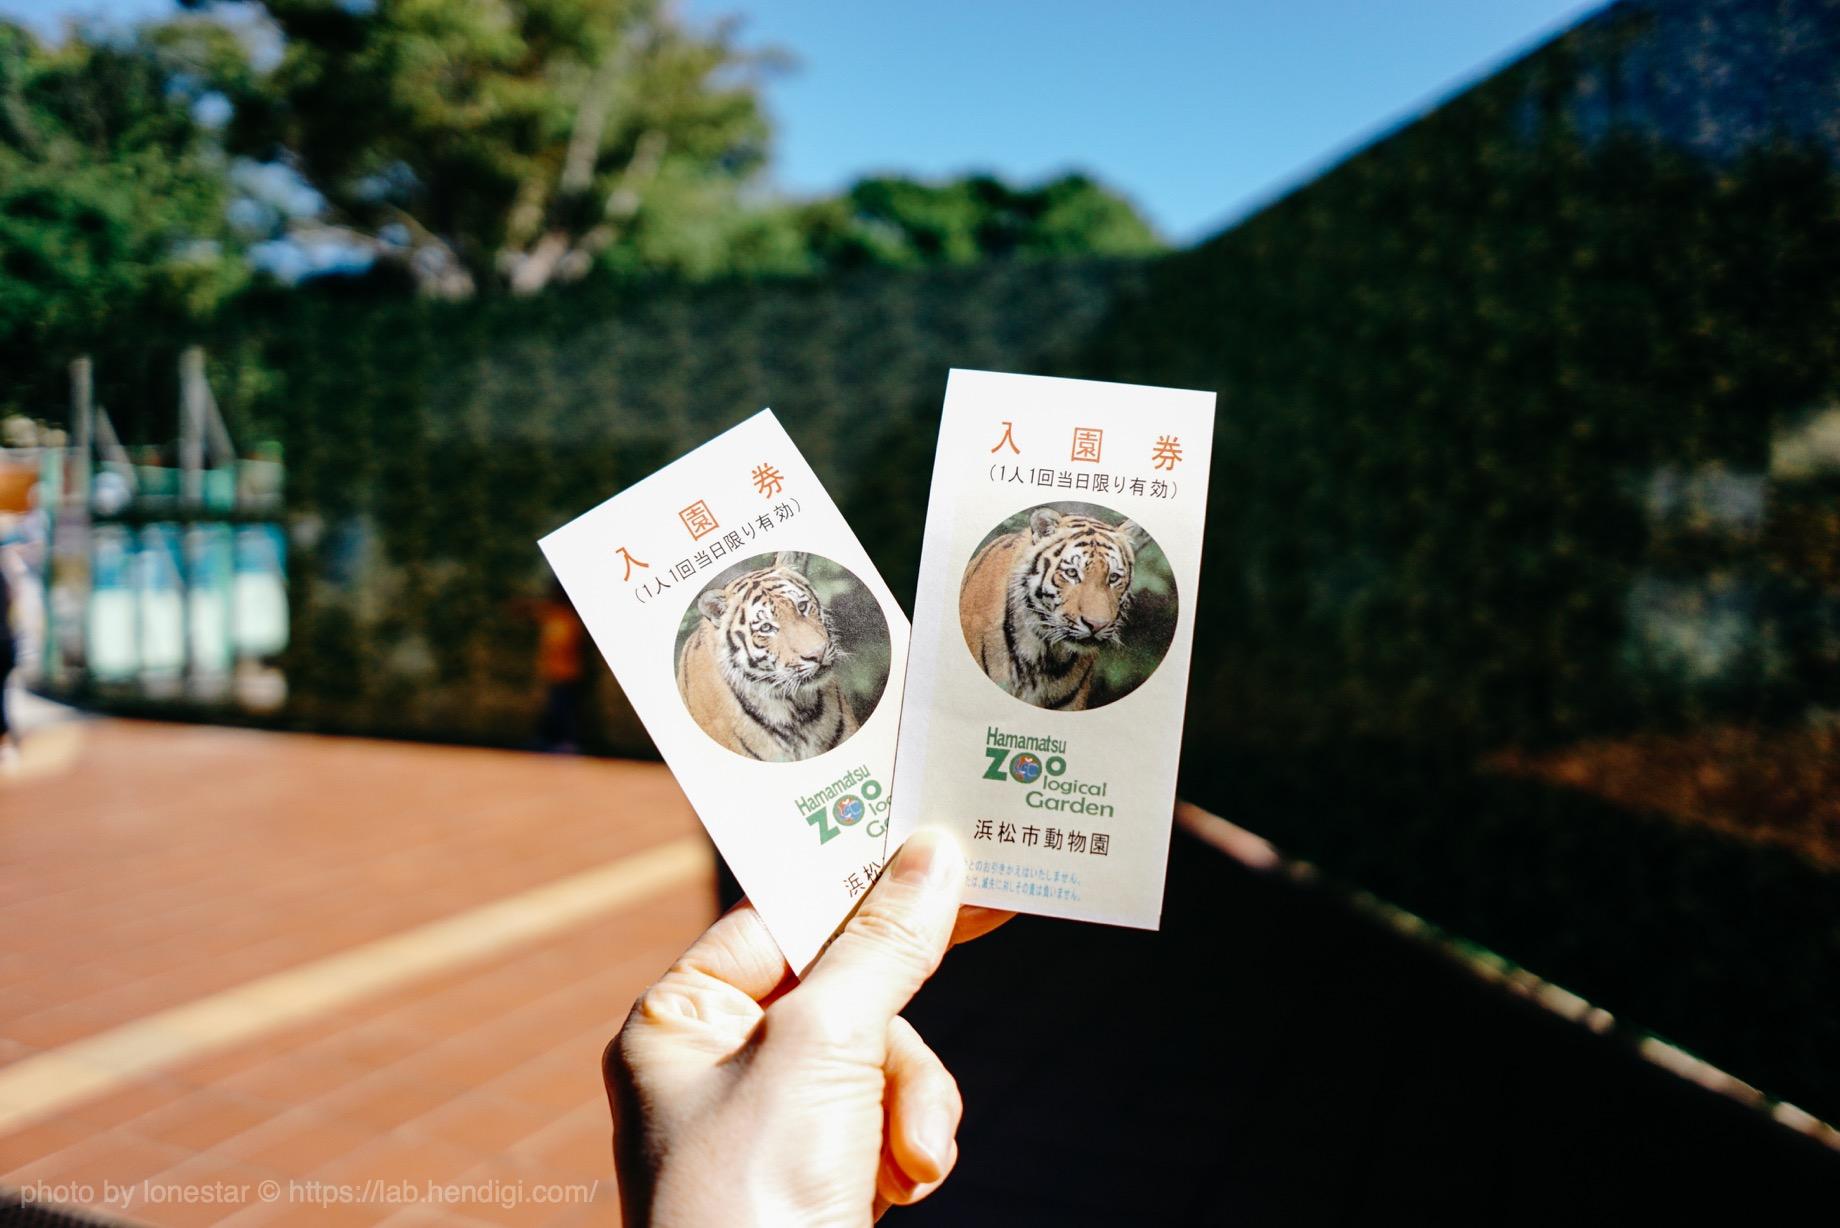 浜松市動物園 ブログ